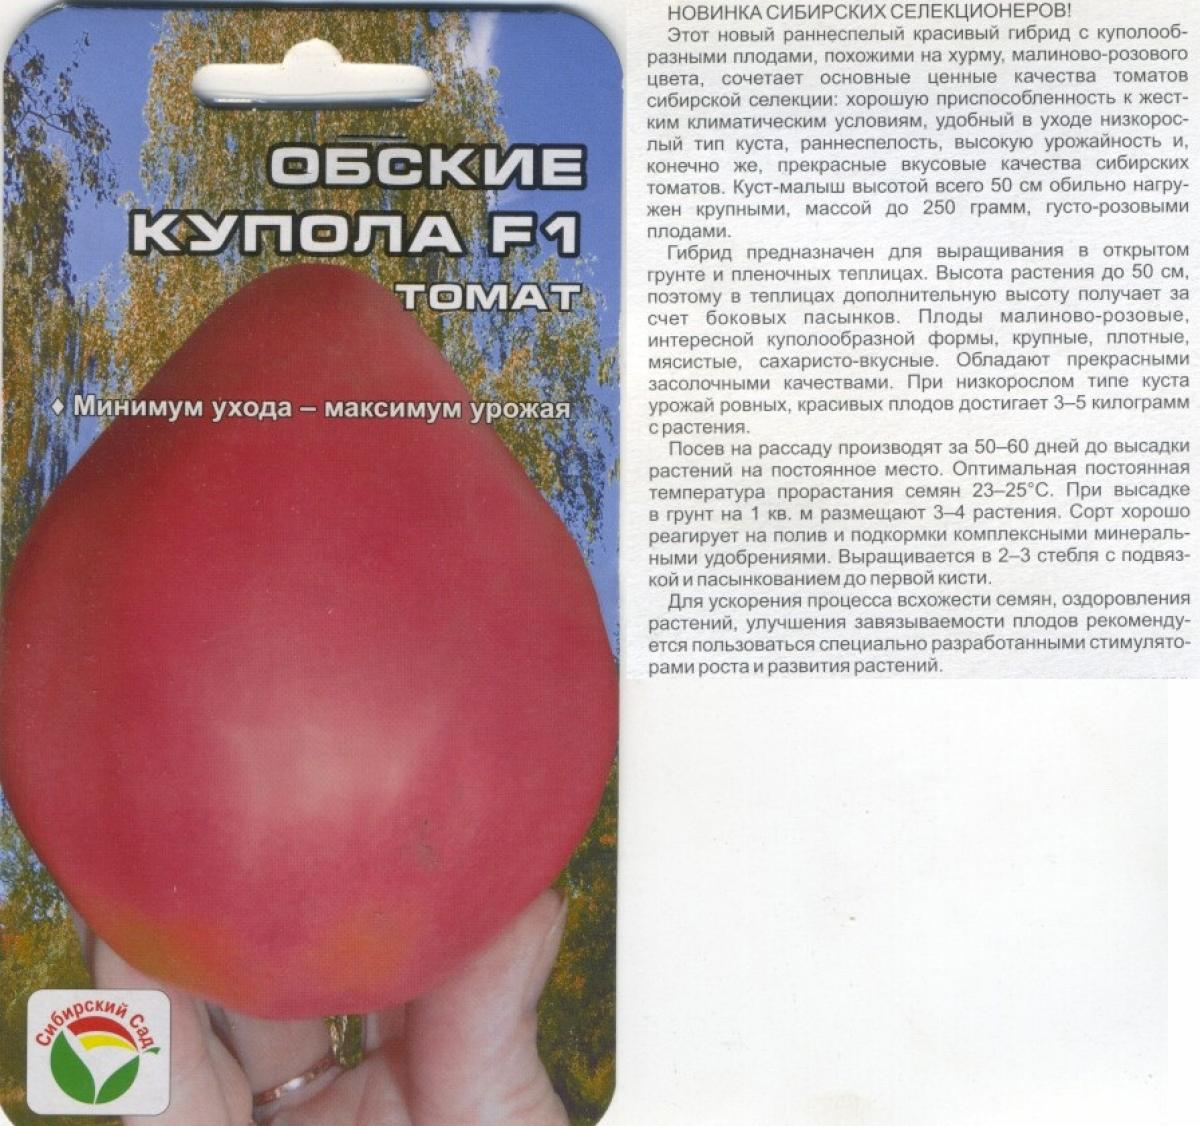 """Томат """"купола сибири"""": описание и характеристики сорта, рекомендации по выращиванию гибридных помидор русский фермер"""